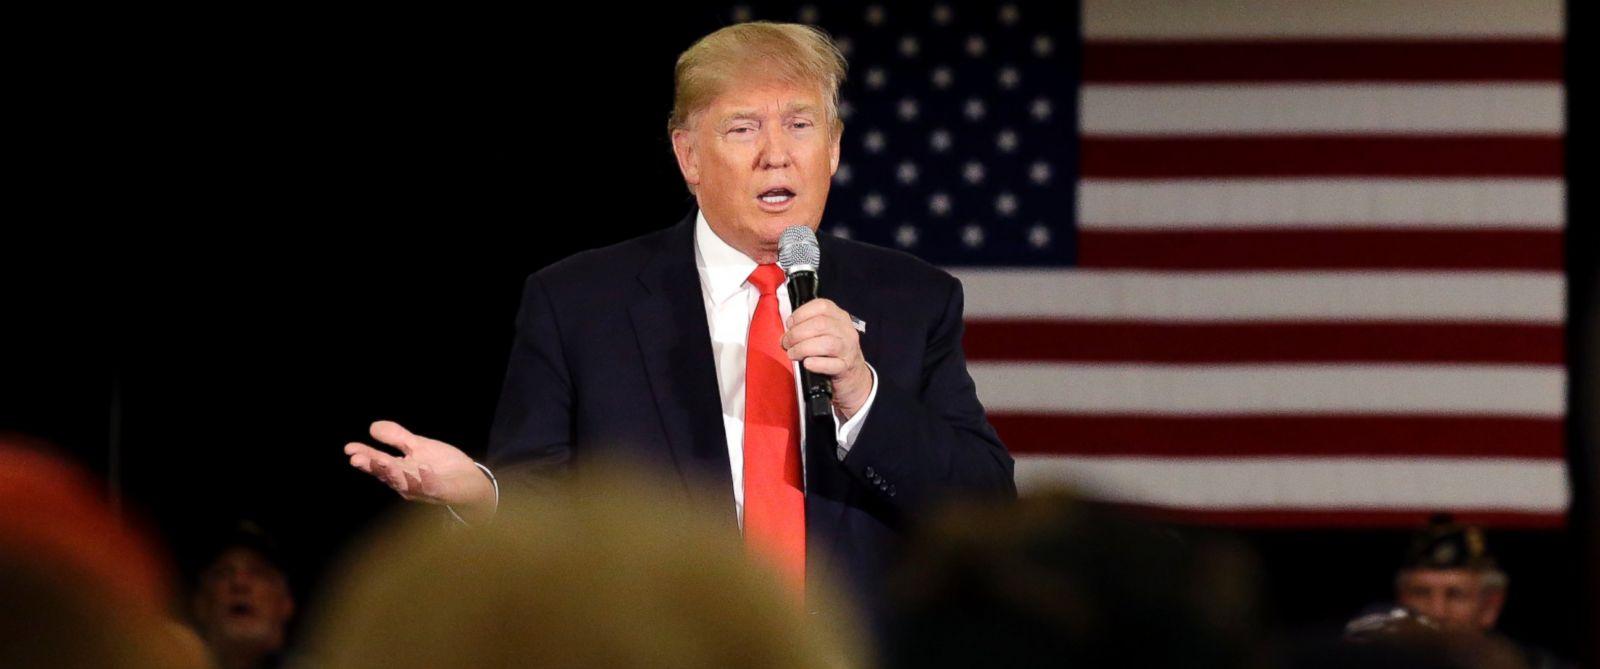 Il candidato repubblicano 70enne, Donald Trump - Foto: Gaming Today